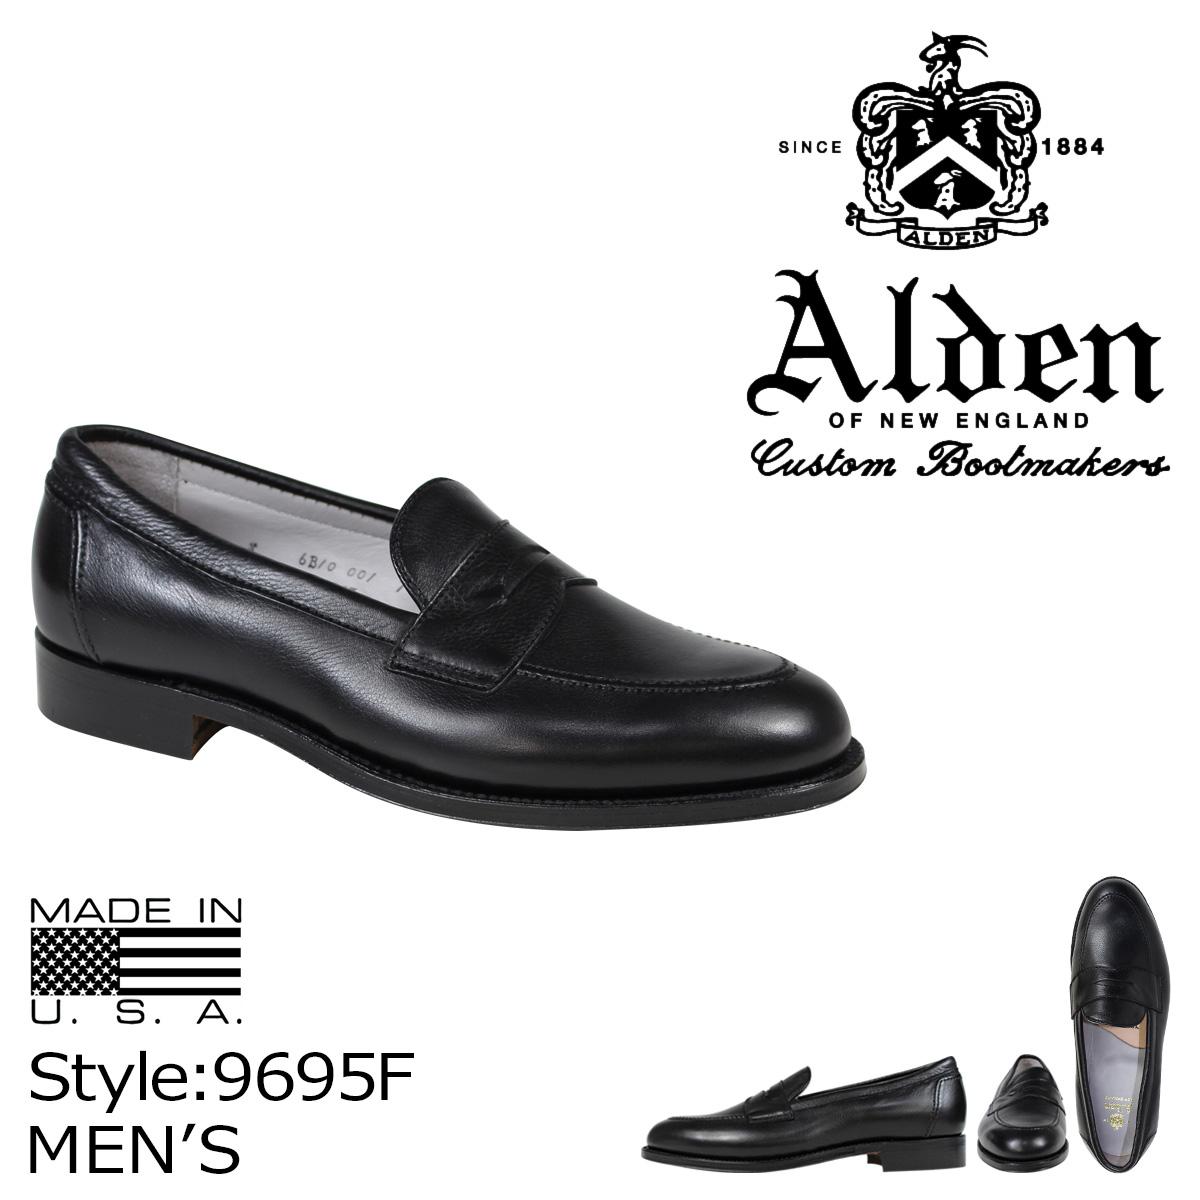 ALDEN オールデン ローファー シューズ メンズ PENNY LOAFER Dワイズ 9695F